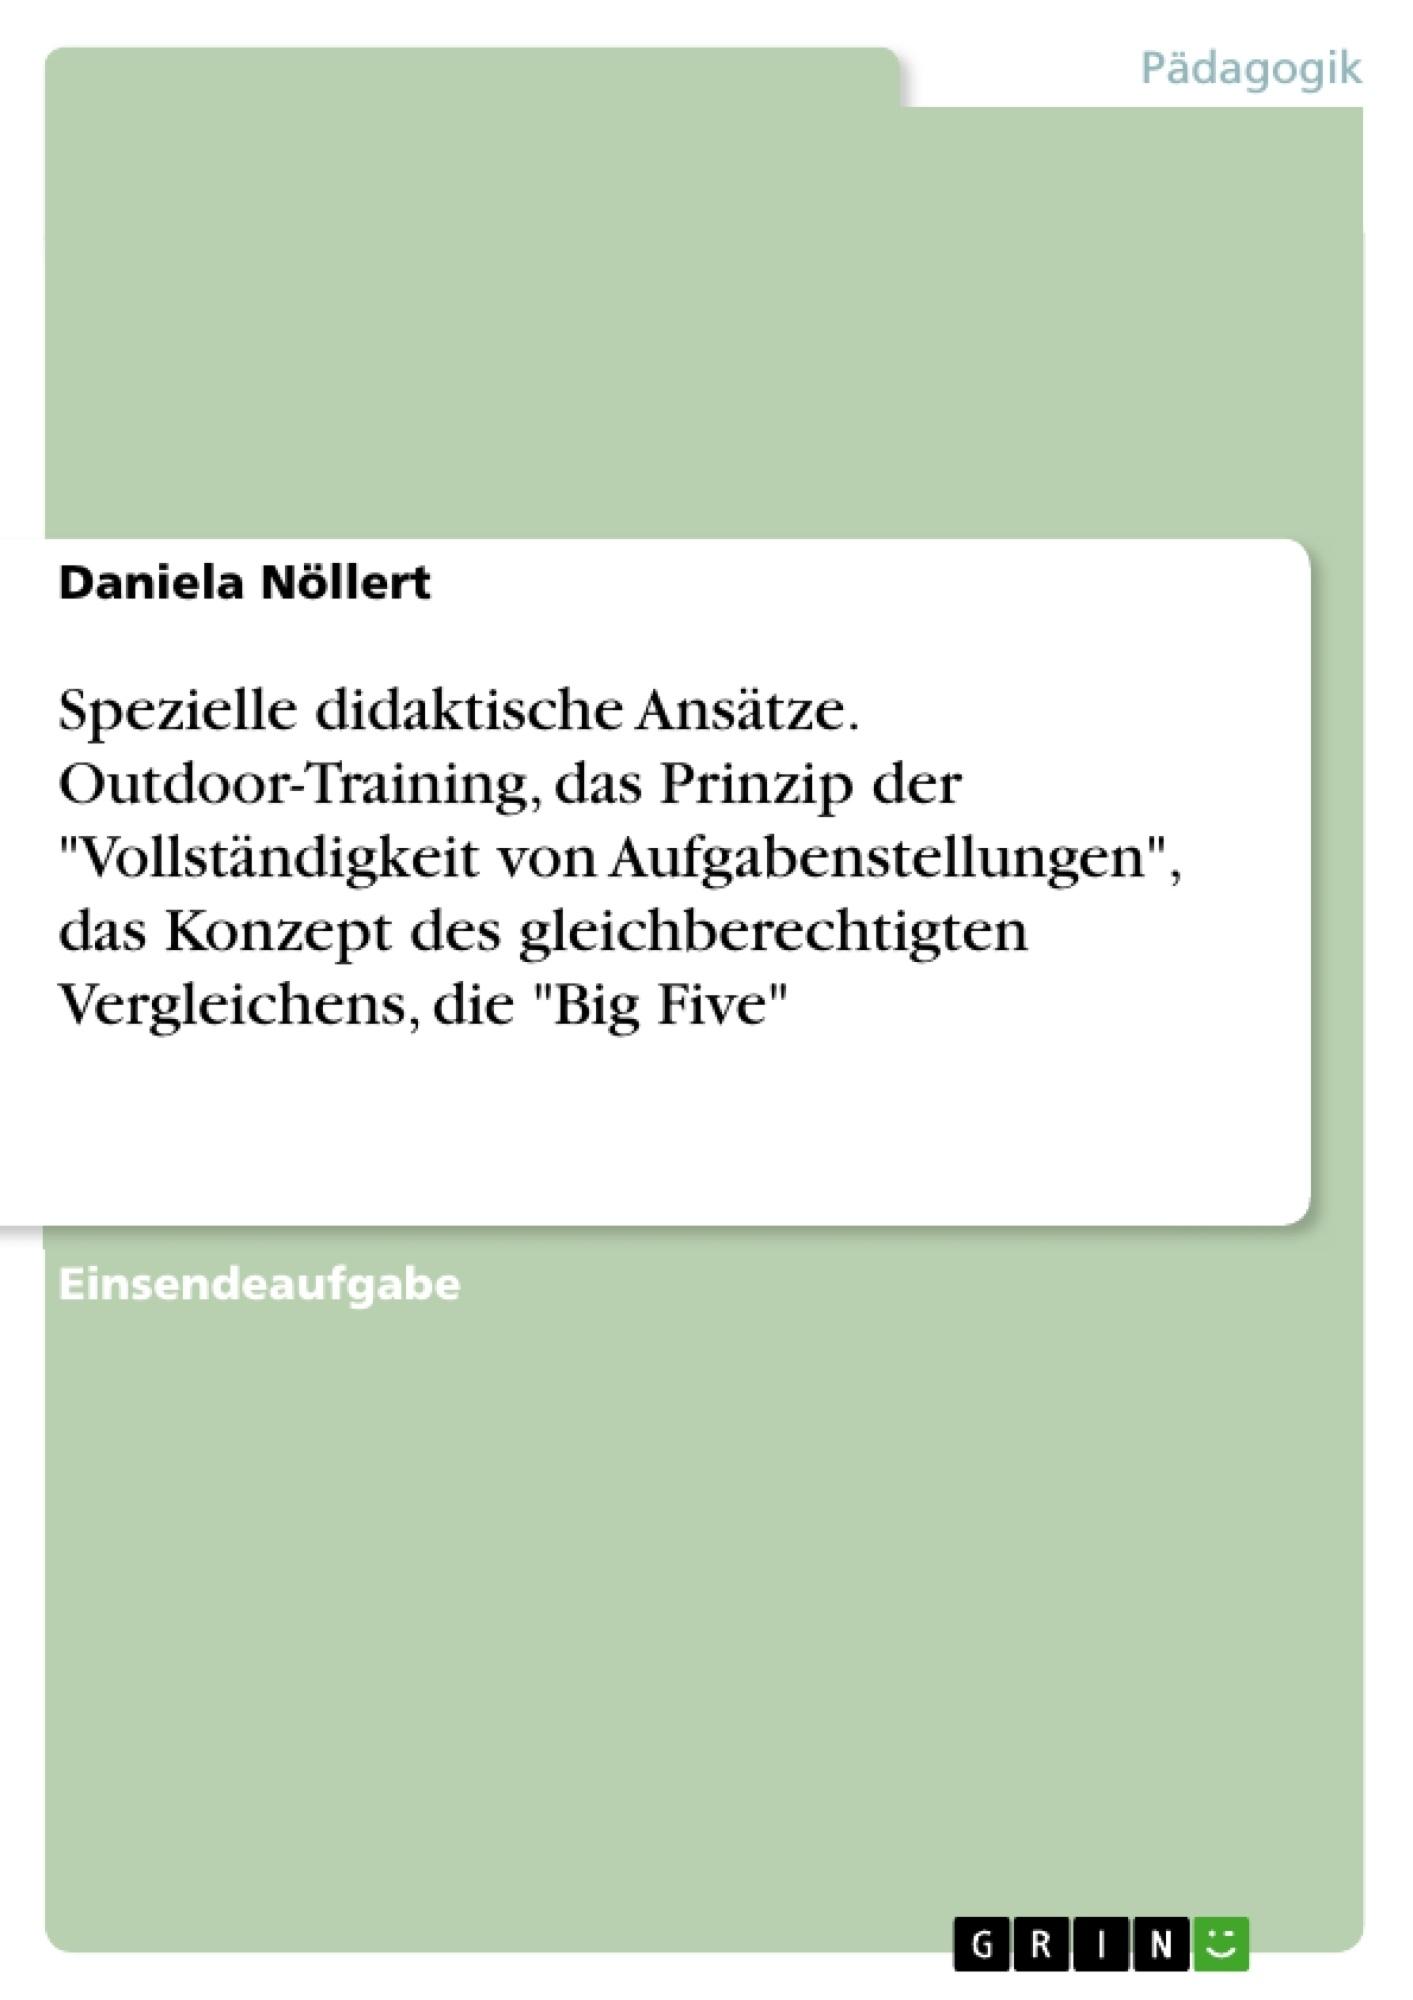 """Titel: Spezielle didaktische Ansätze. Outdoor-Training, das Prinzip der """"Vollständigkeit von Aufgabenstellungen"""", das Konzept des gleichberechtigten Vergleichens, die """"Big Five"""""""